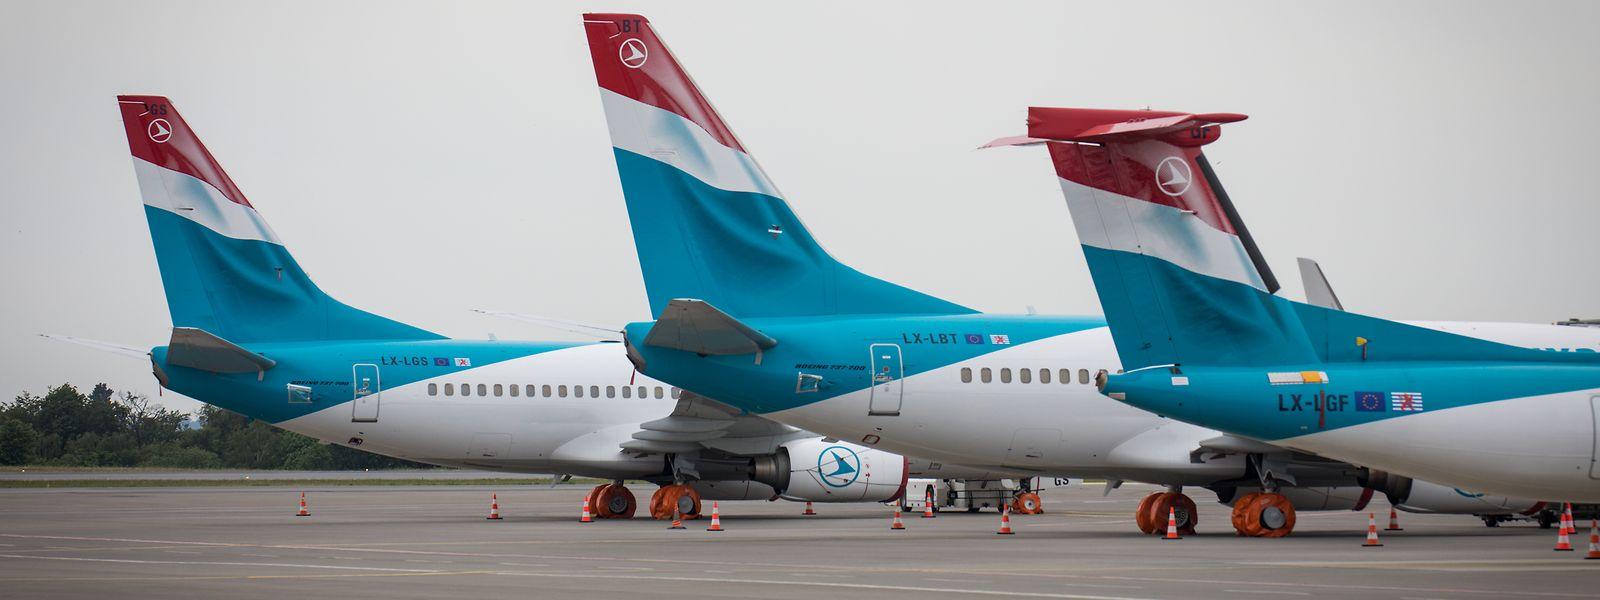 Wurde hart von der Pandemie getroffen: Die Fluggesellschaft Luxair.